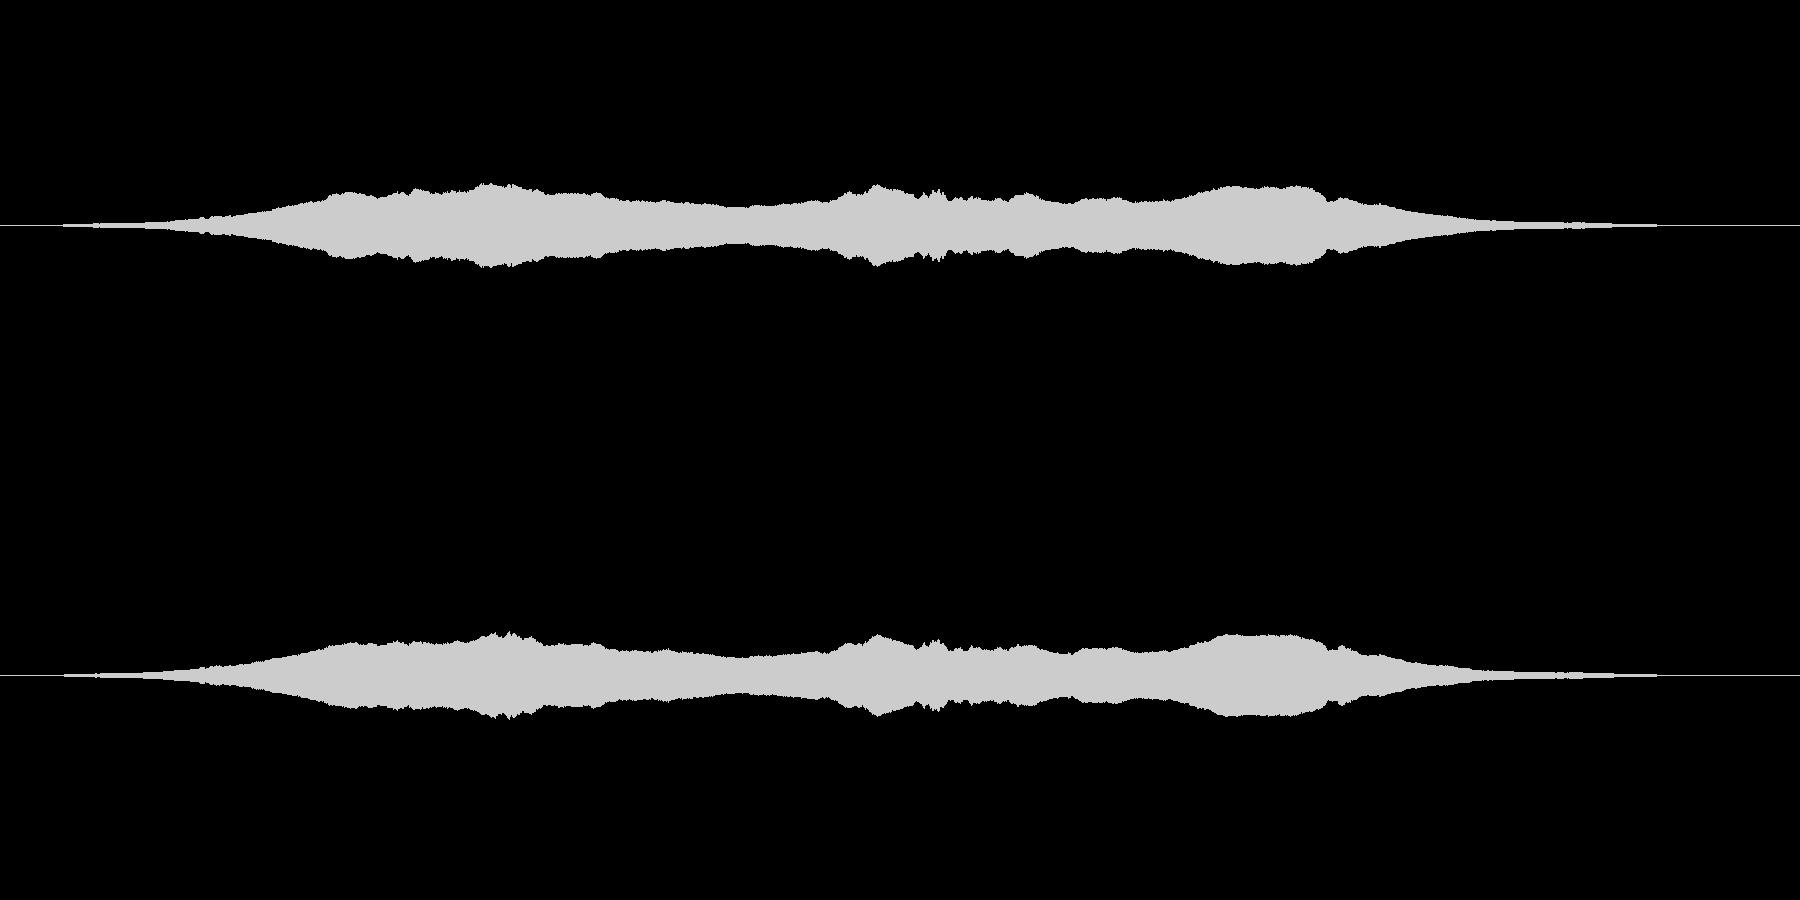 【蚊 生録01-1】の未再生の波形